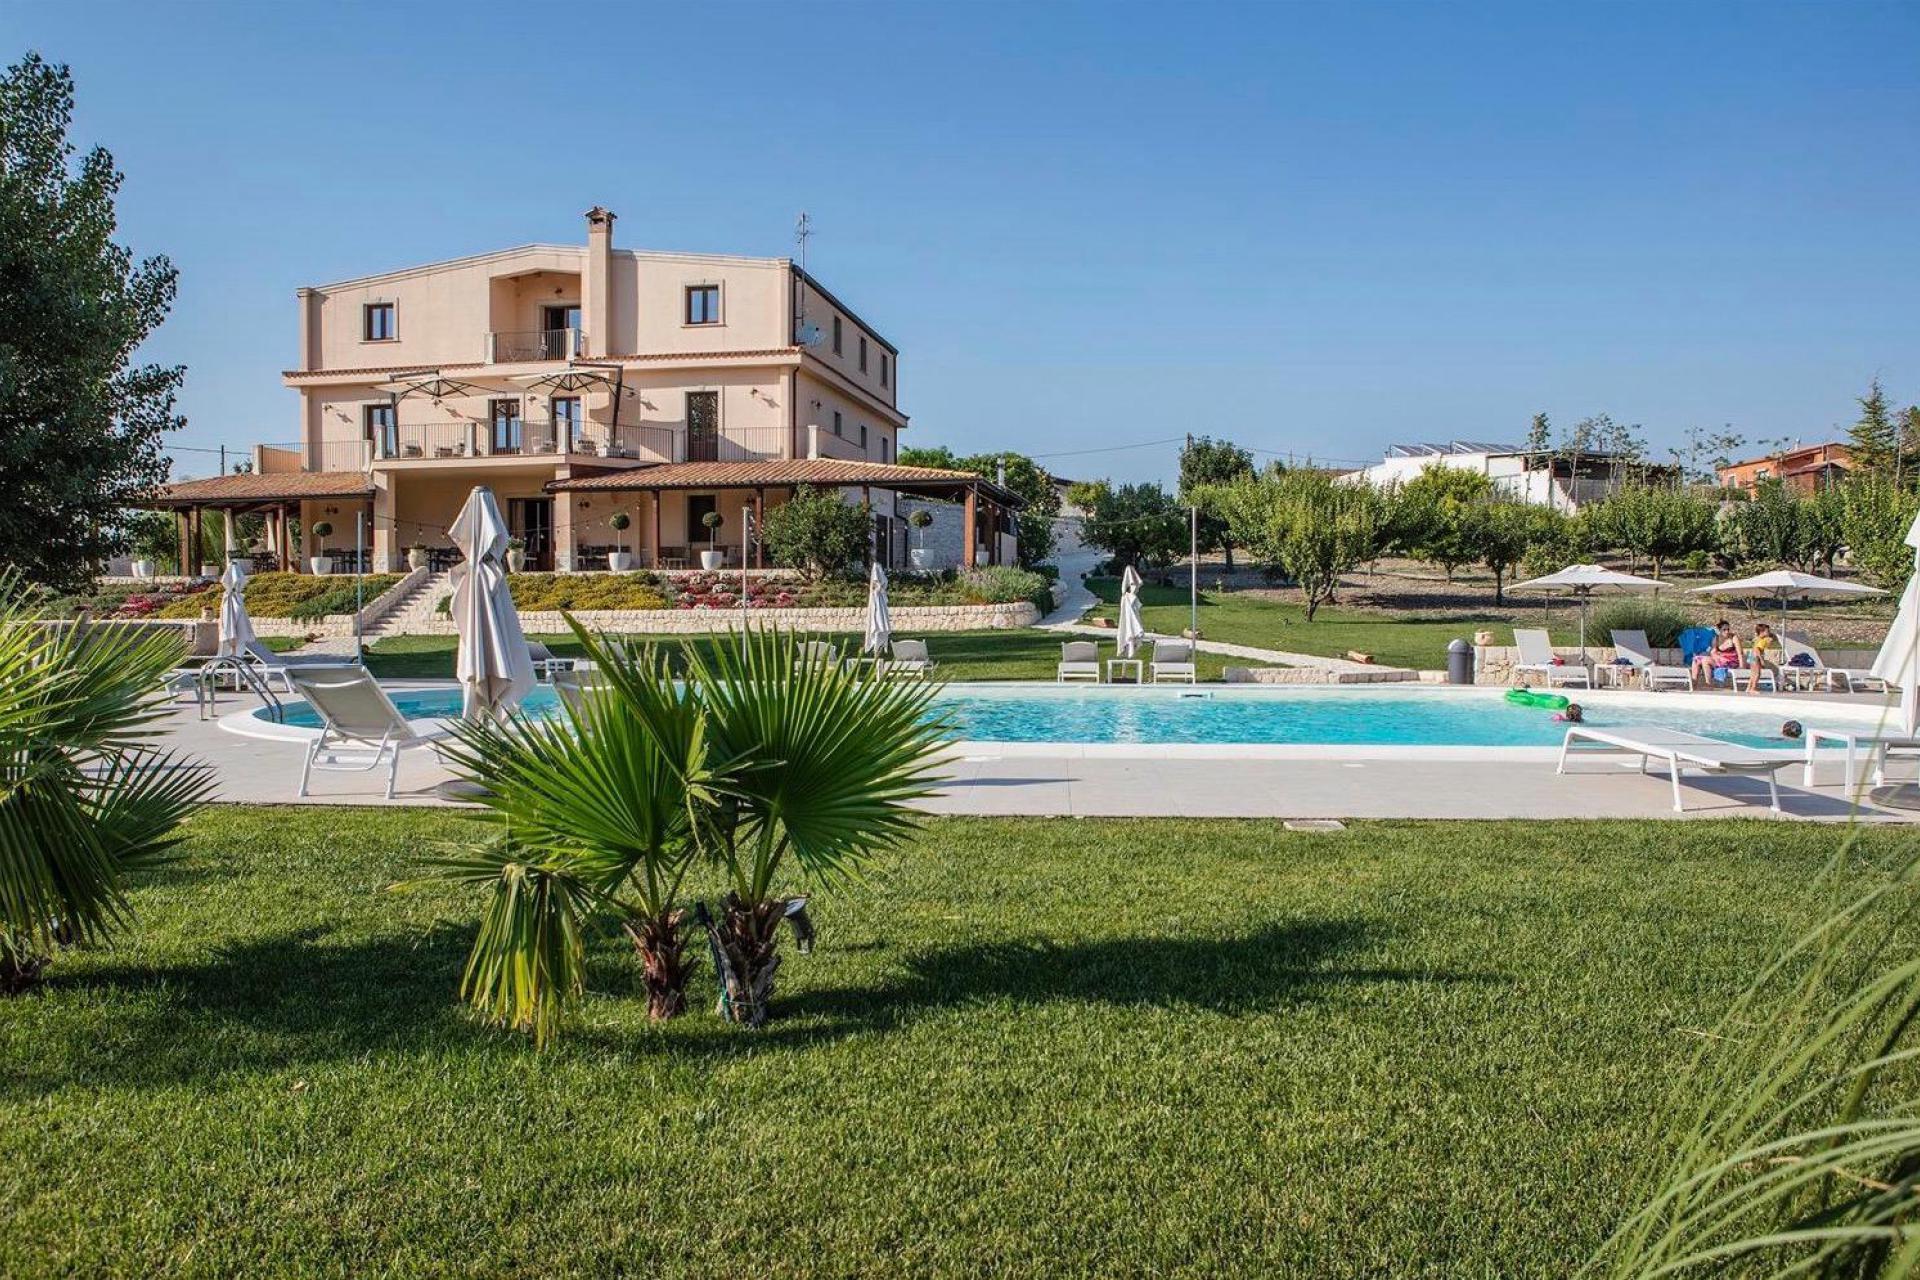 3. In mei naar de zon in Sicilie!